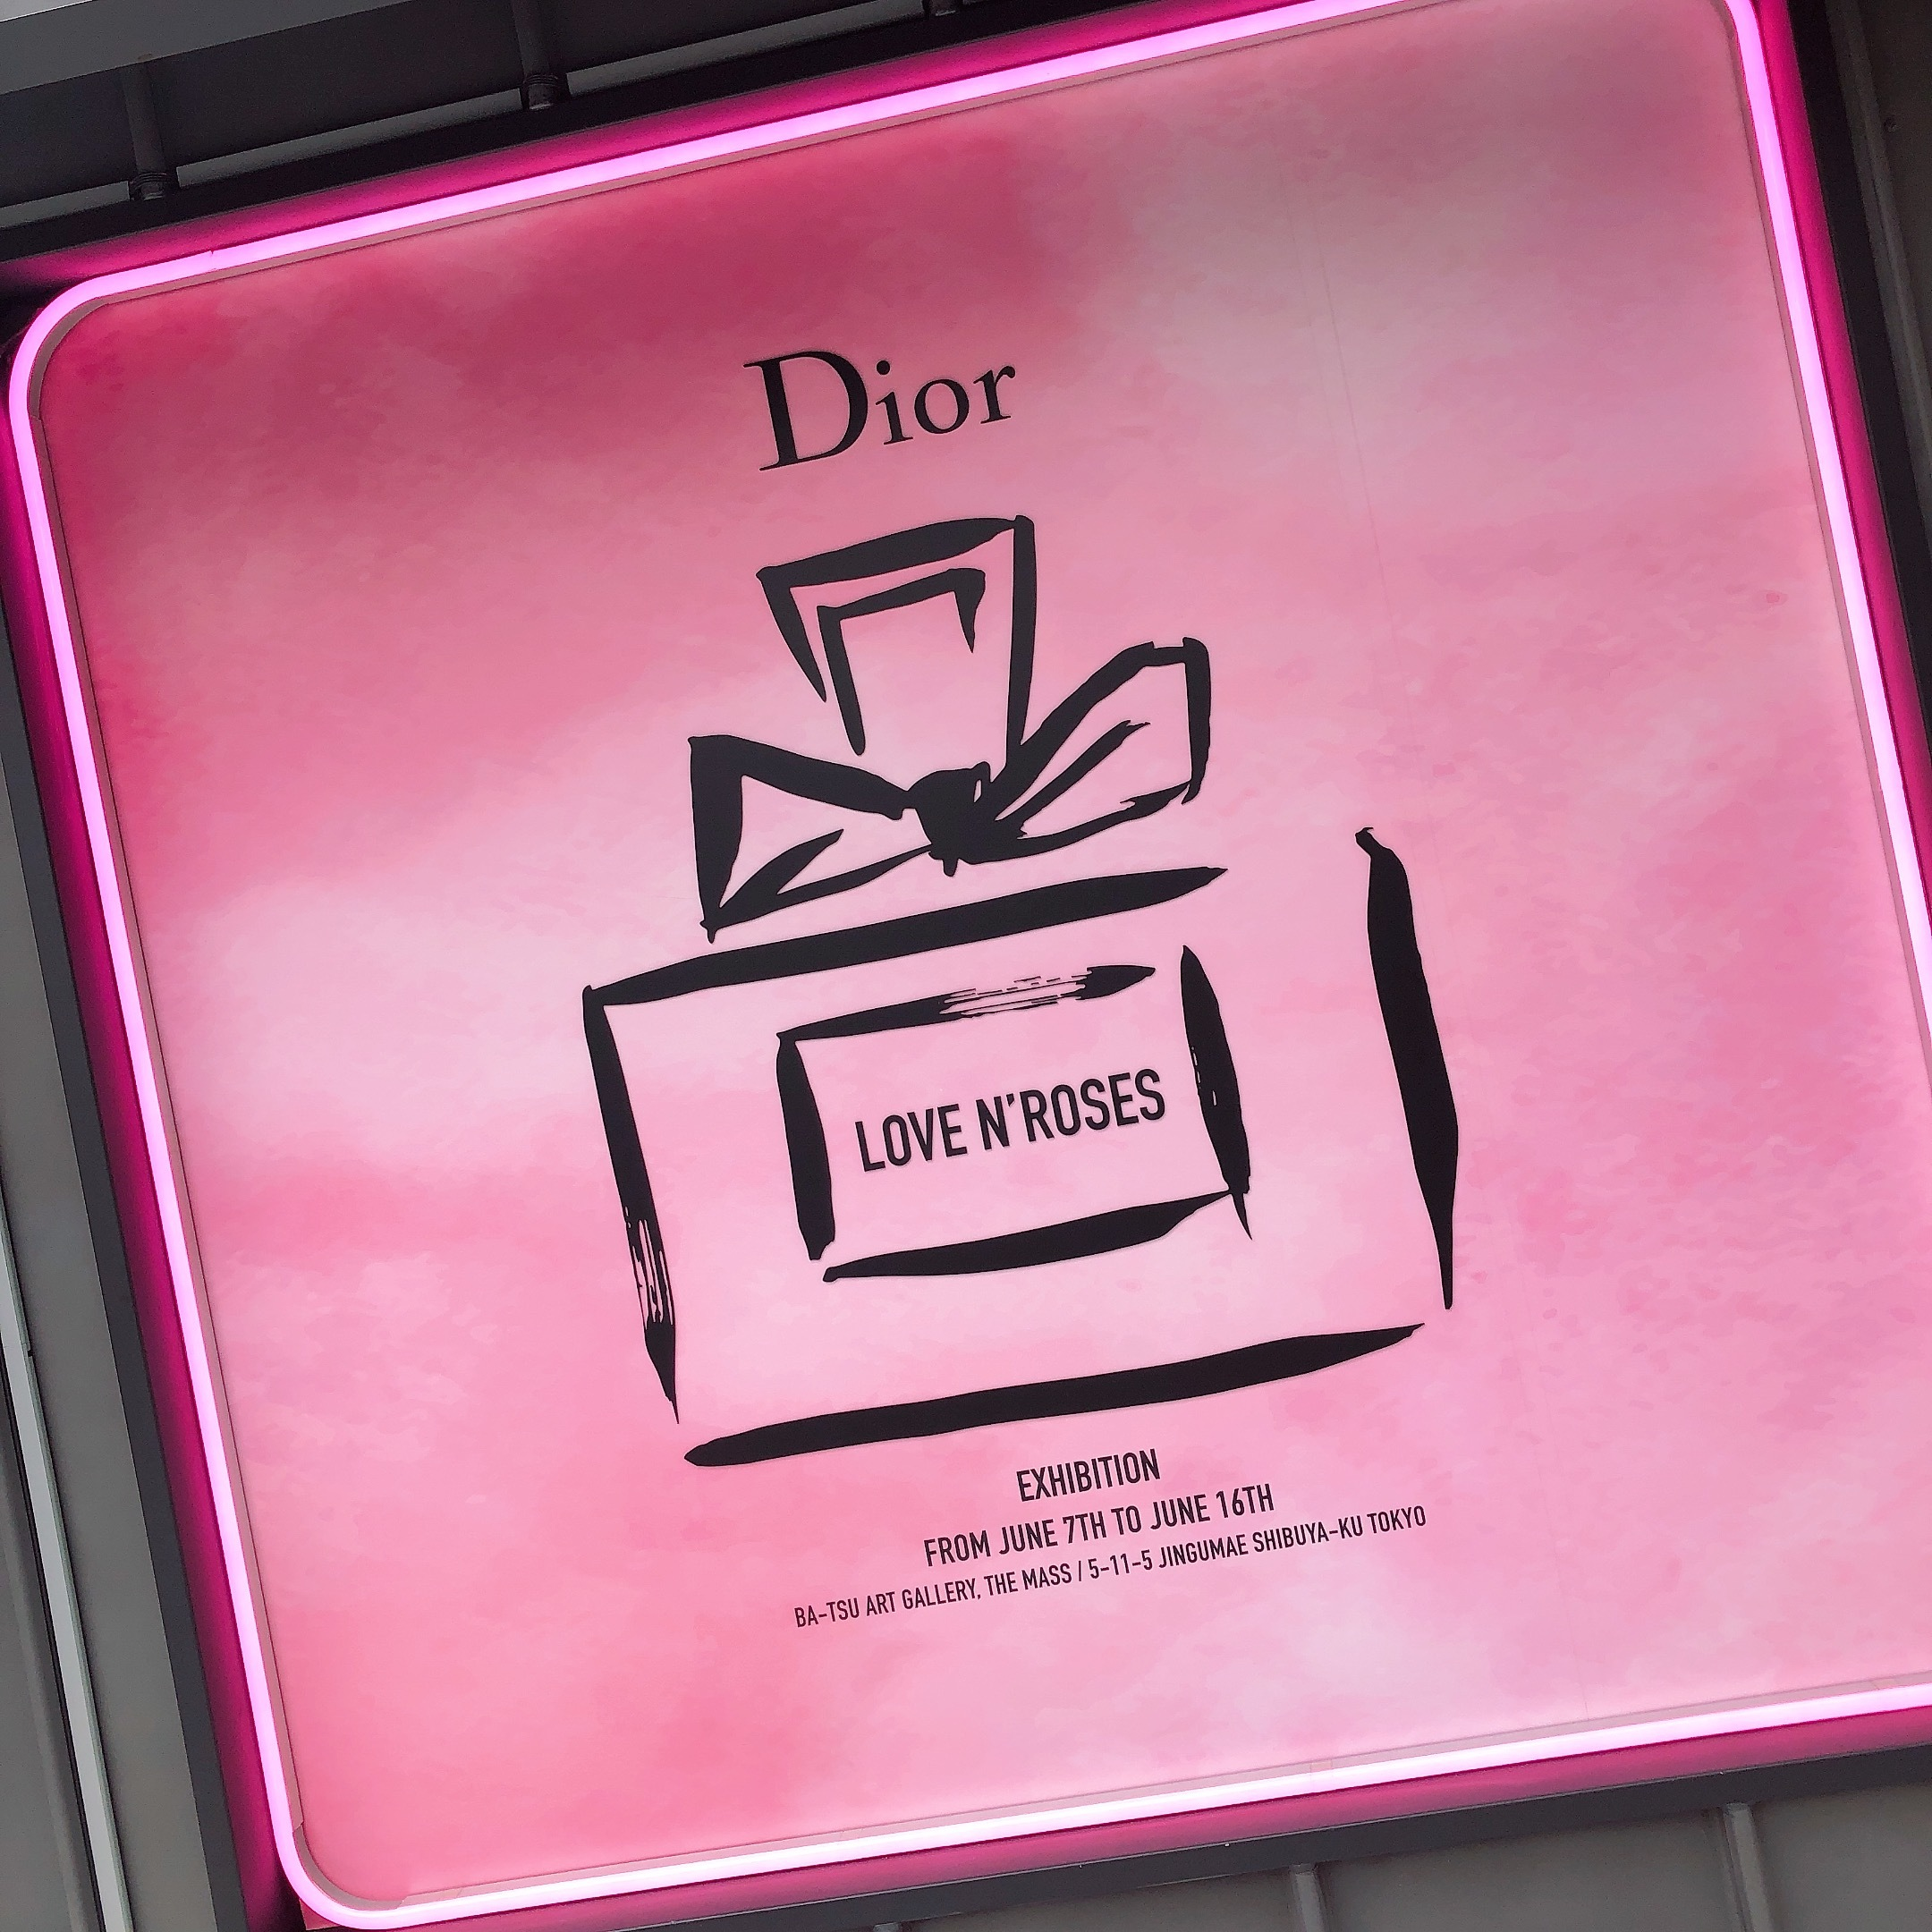 【入場無料!Dior展覧会】限定ポーチGET!限定コスメの発売も♡_1_1